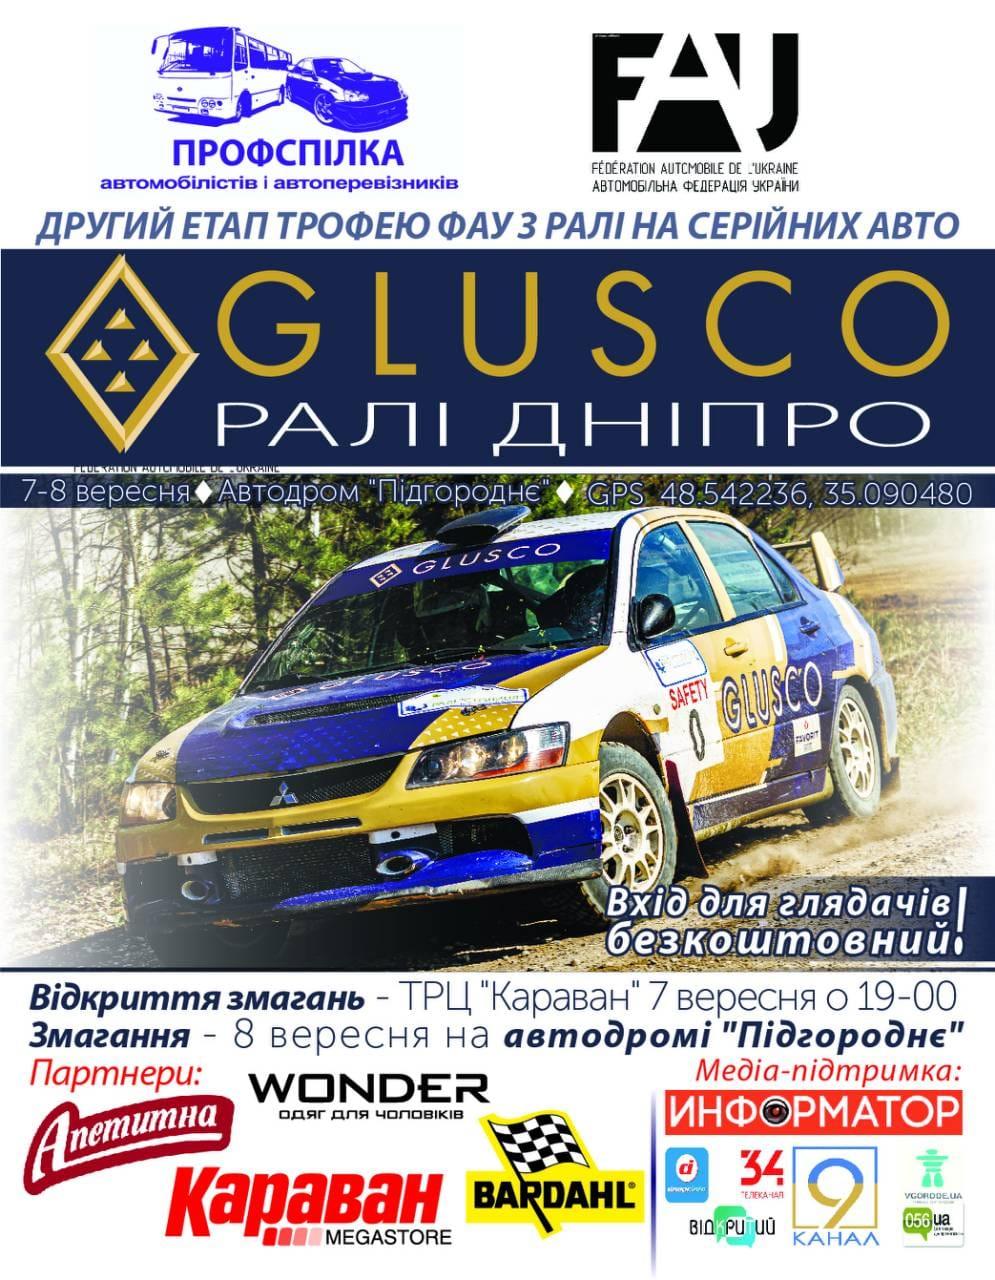 Под Днепром пройдет этап соревнований по ралли. Новости Днепра